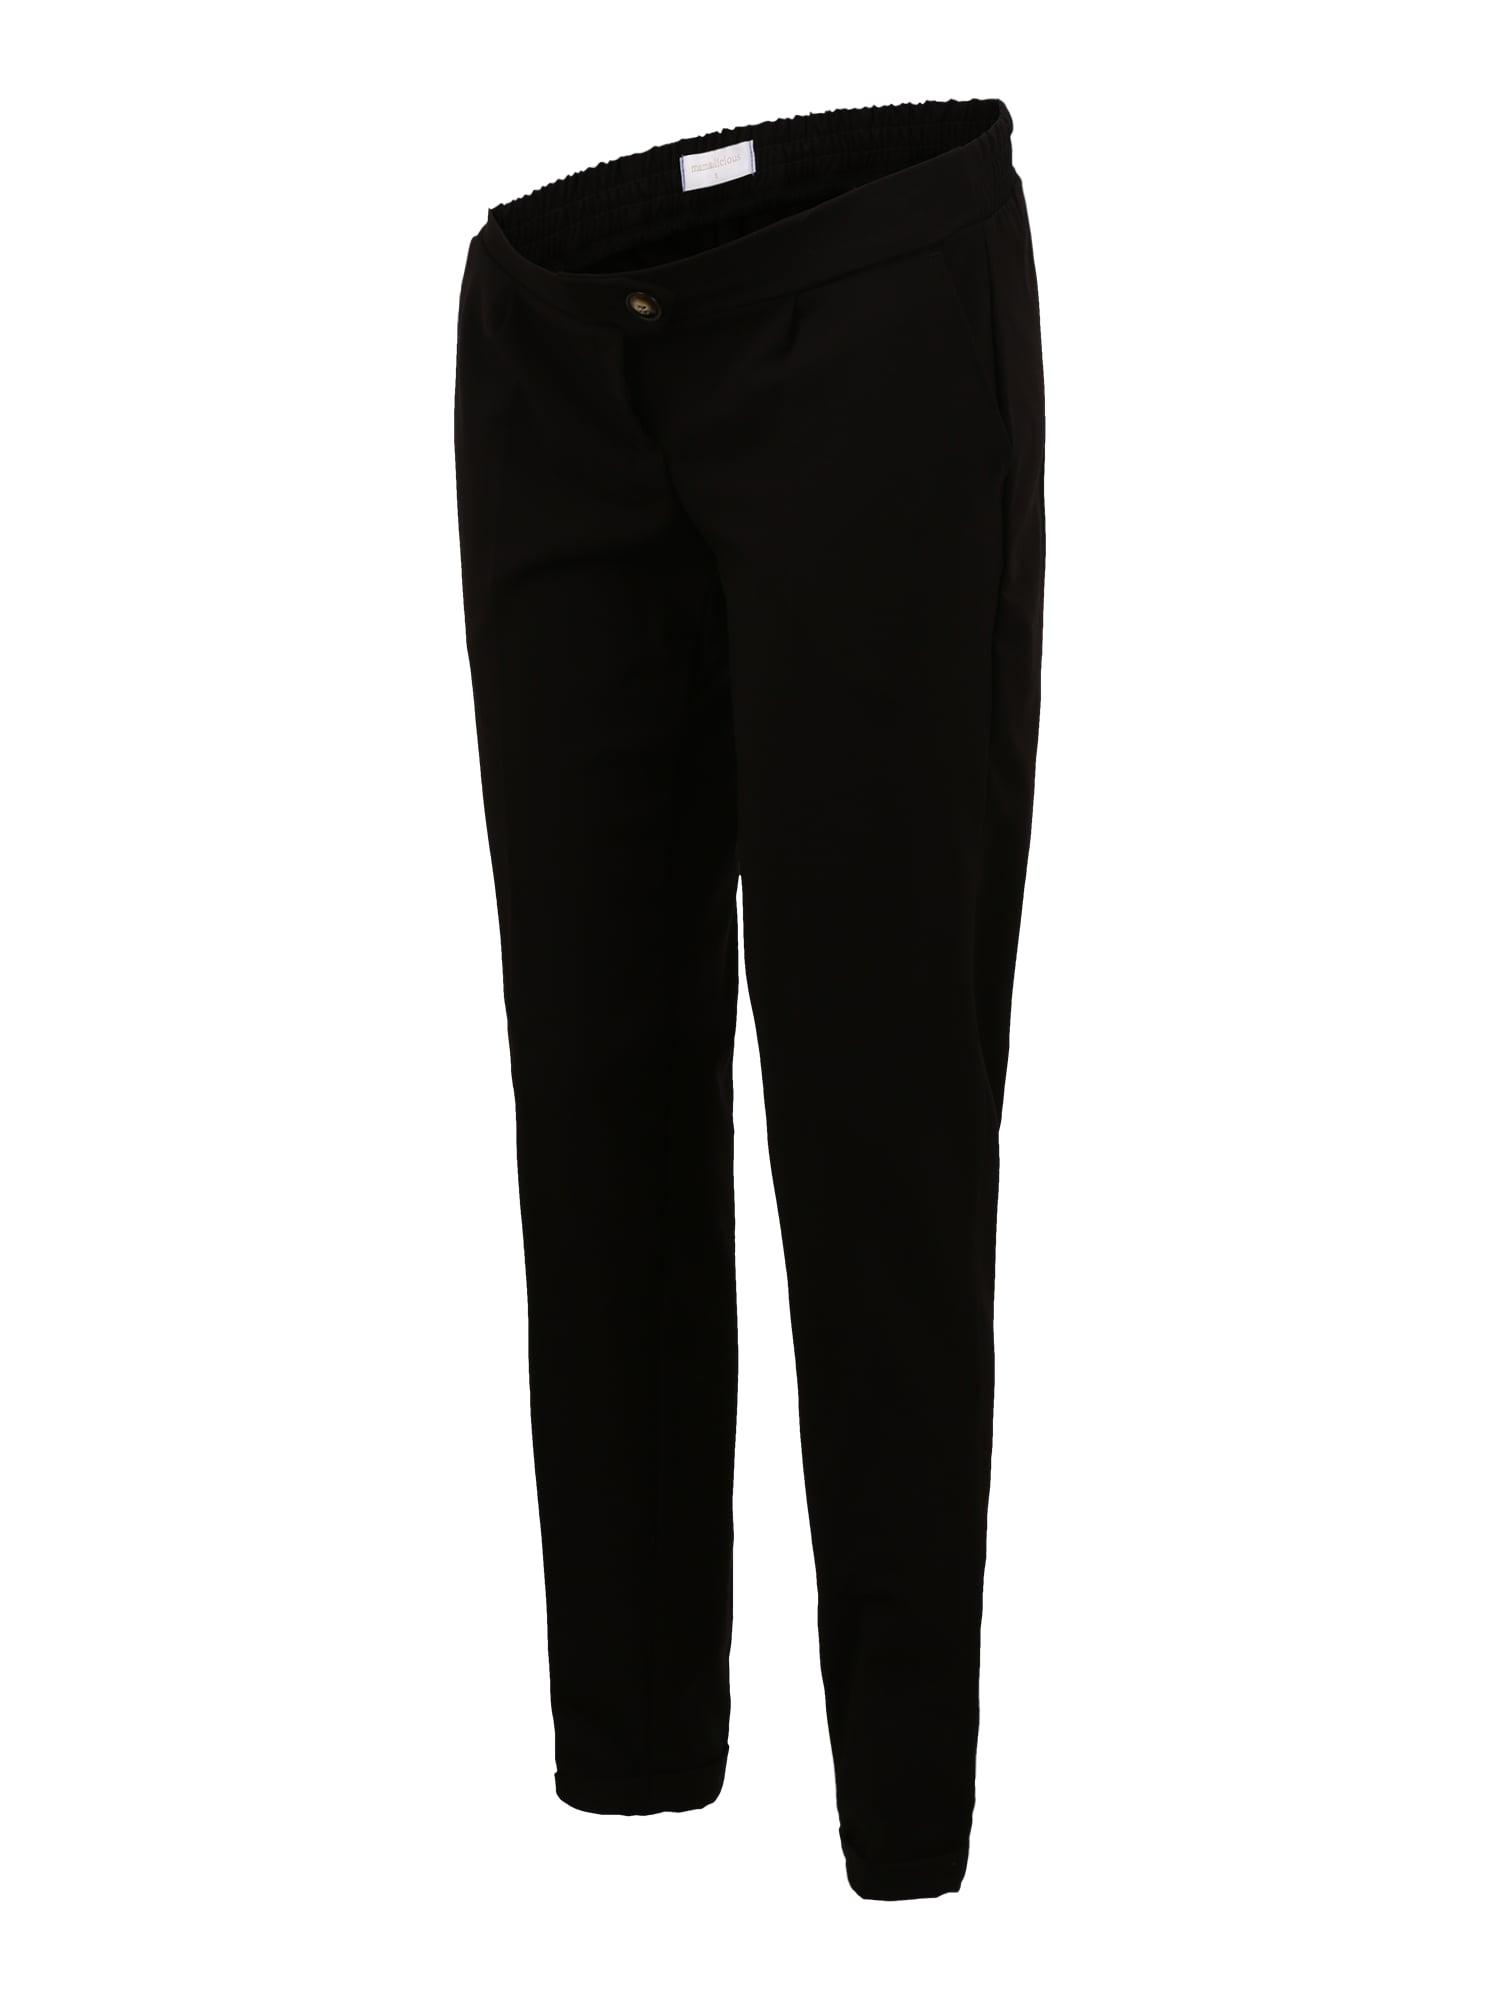 MAMALICIOUS Pantalon à plis  - Noir - Taille: S - female